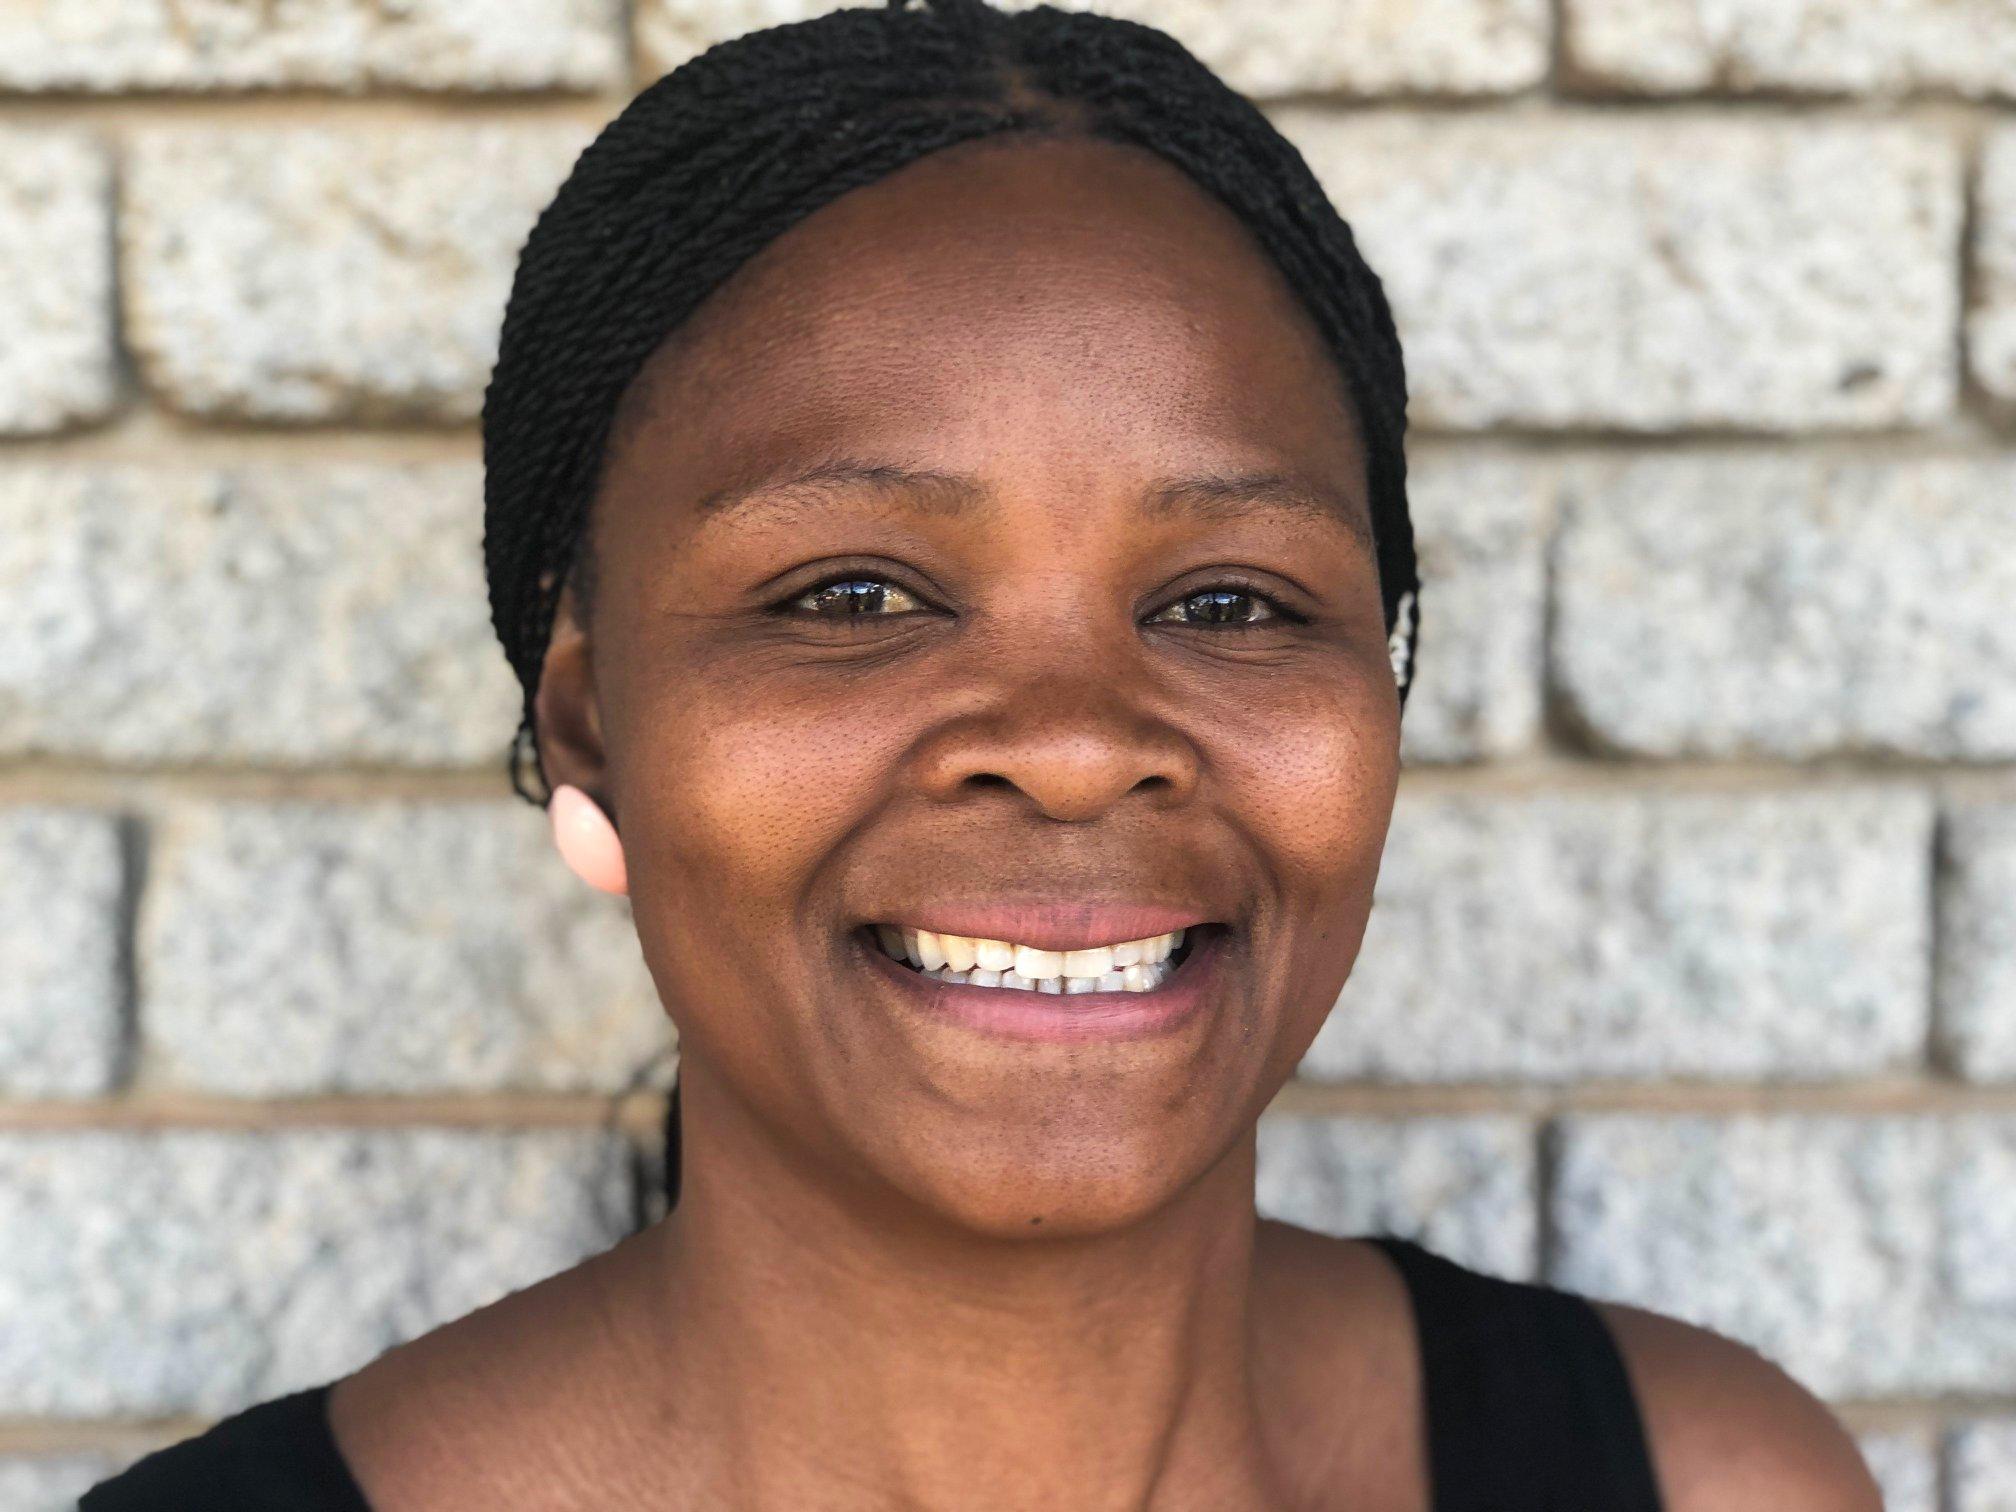 Ntombekhaya